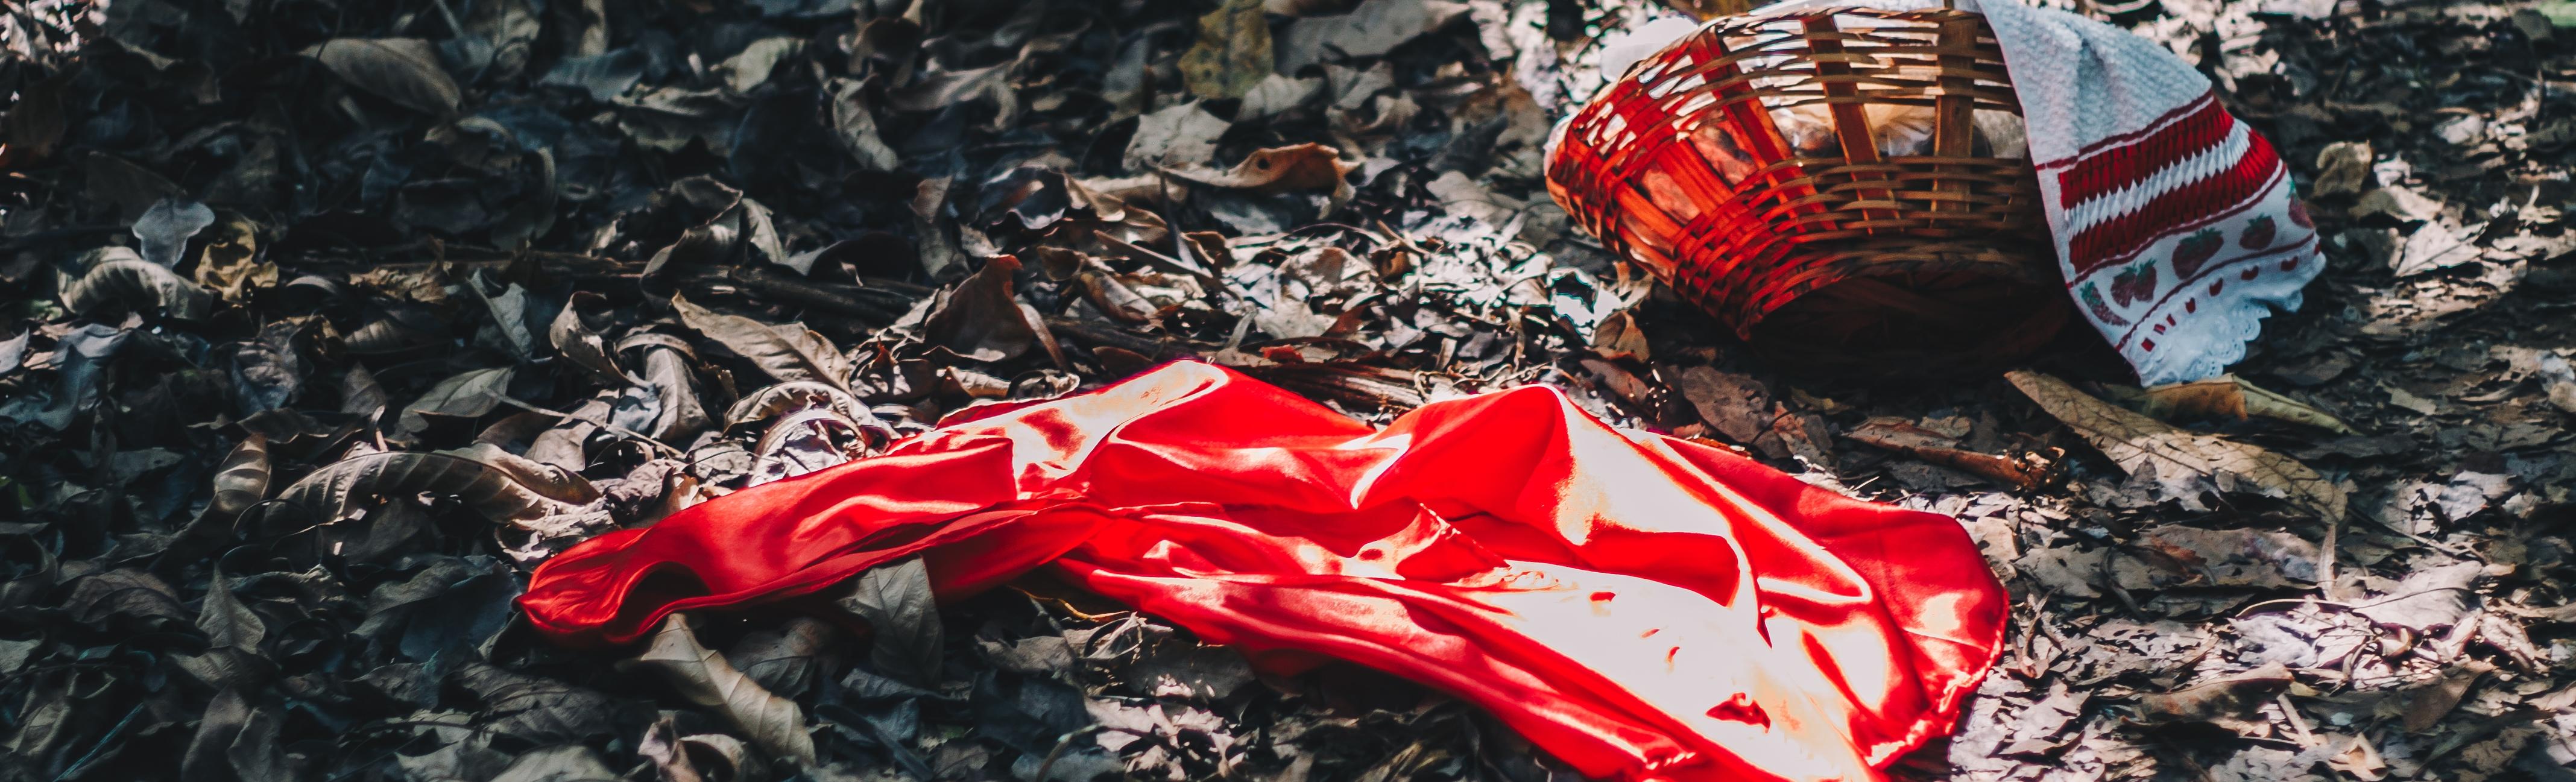 Especial de Halloween: A Garota da Capa Vermelha